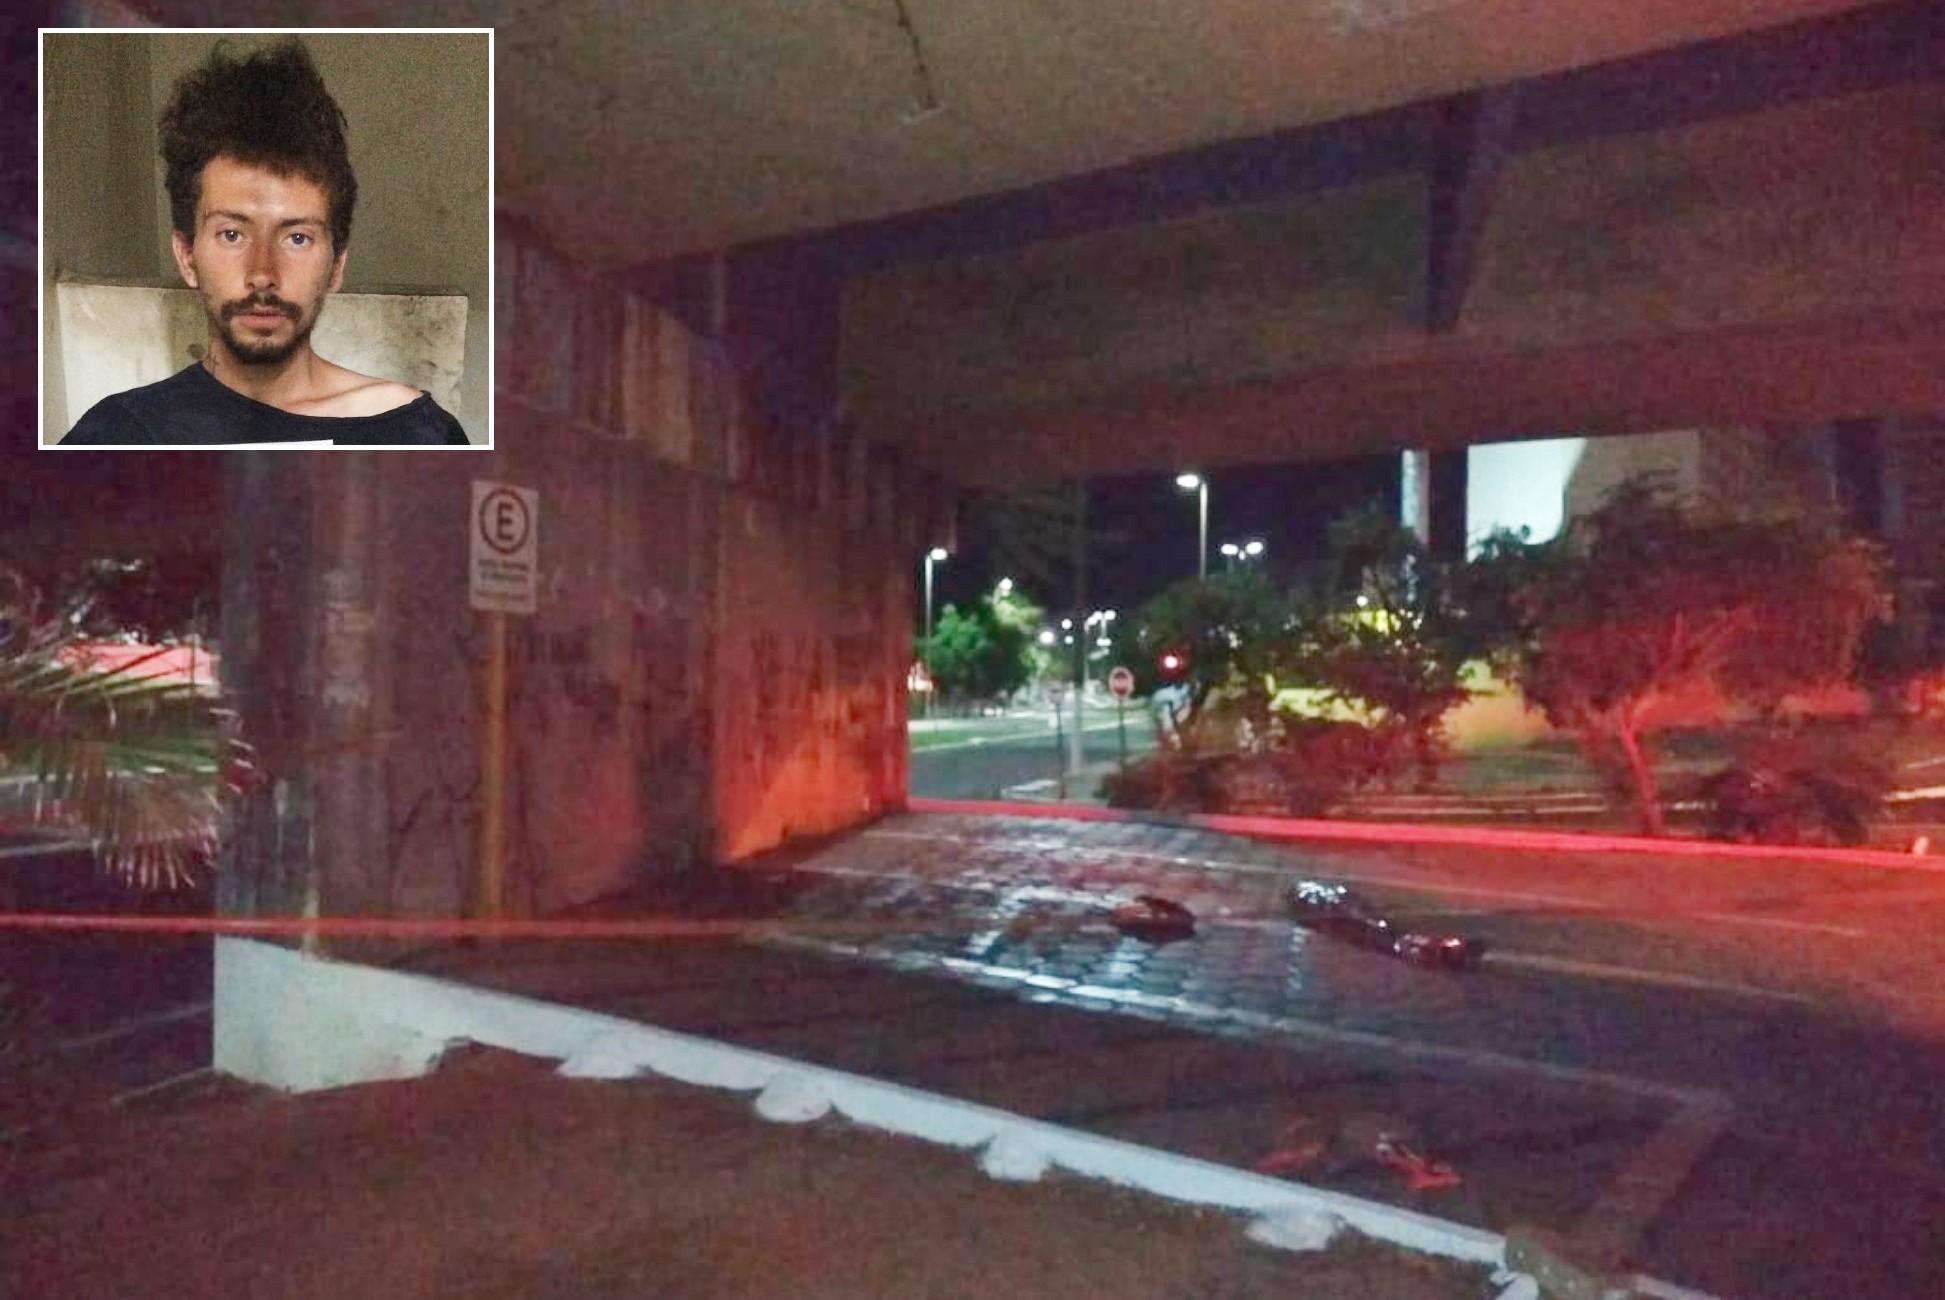 Comerciante suspeito de matar jovem que furtou sorvetes de loja se entrega à polícia e confessa crime